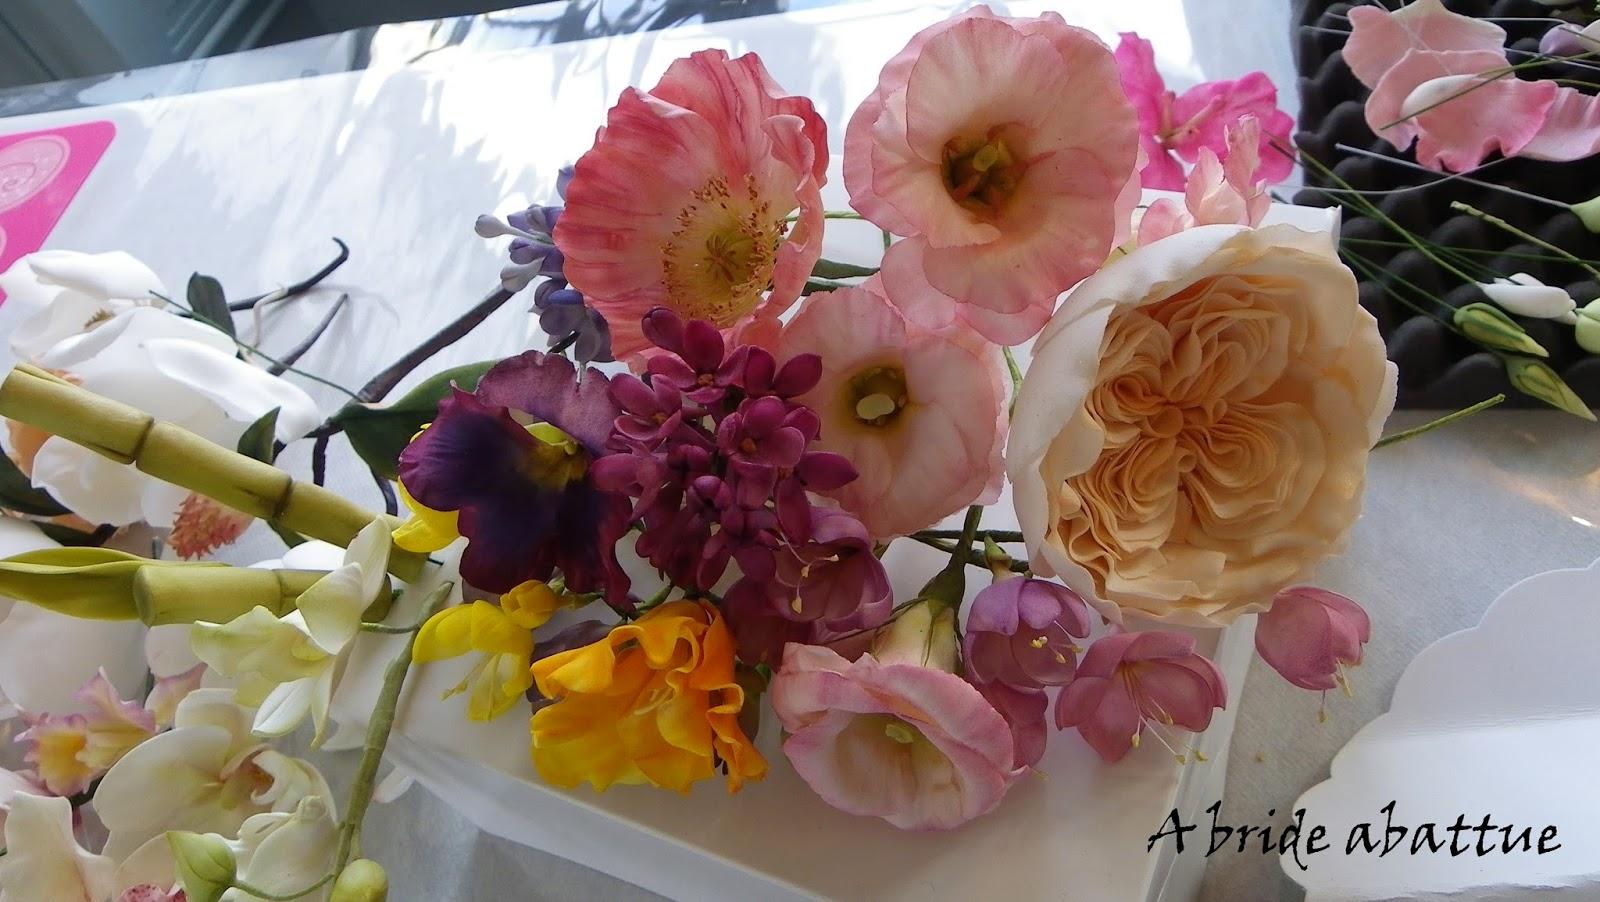 Ces fleurs de Mila Iquise sont si belles ... impossible de les croire en  sucre. Et pourtant si. 8e87d9925fd